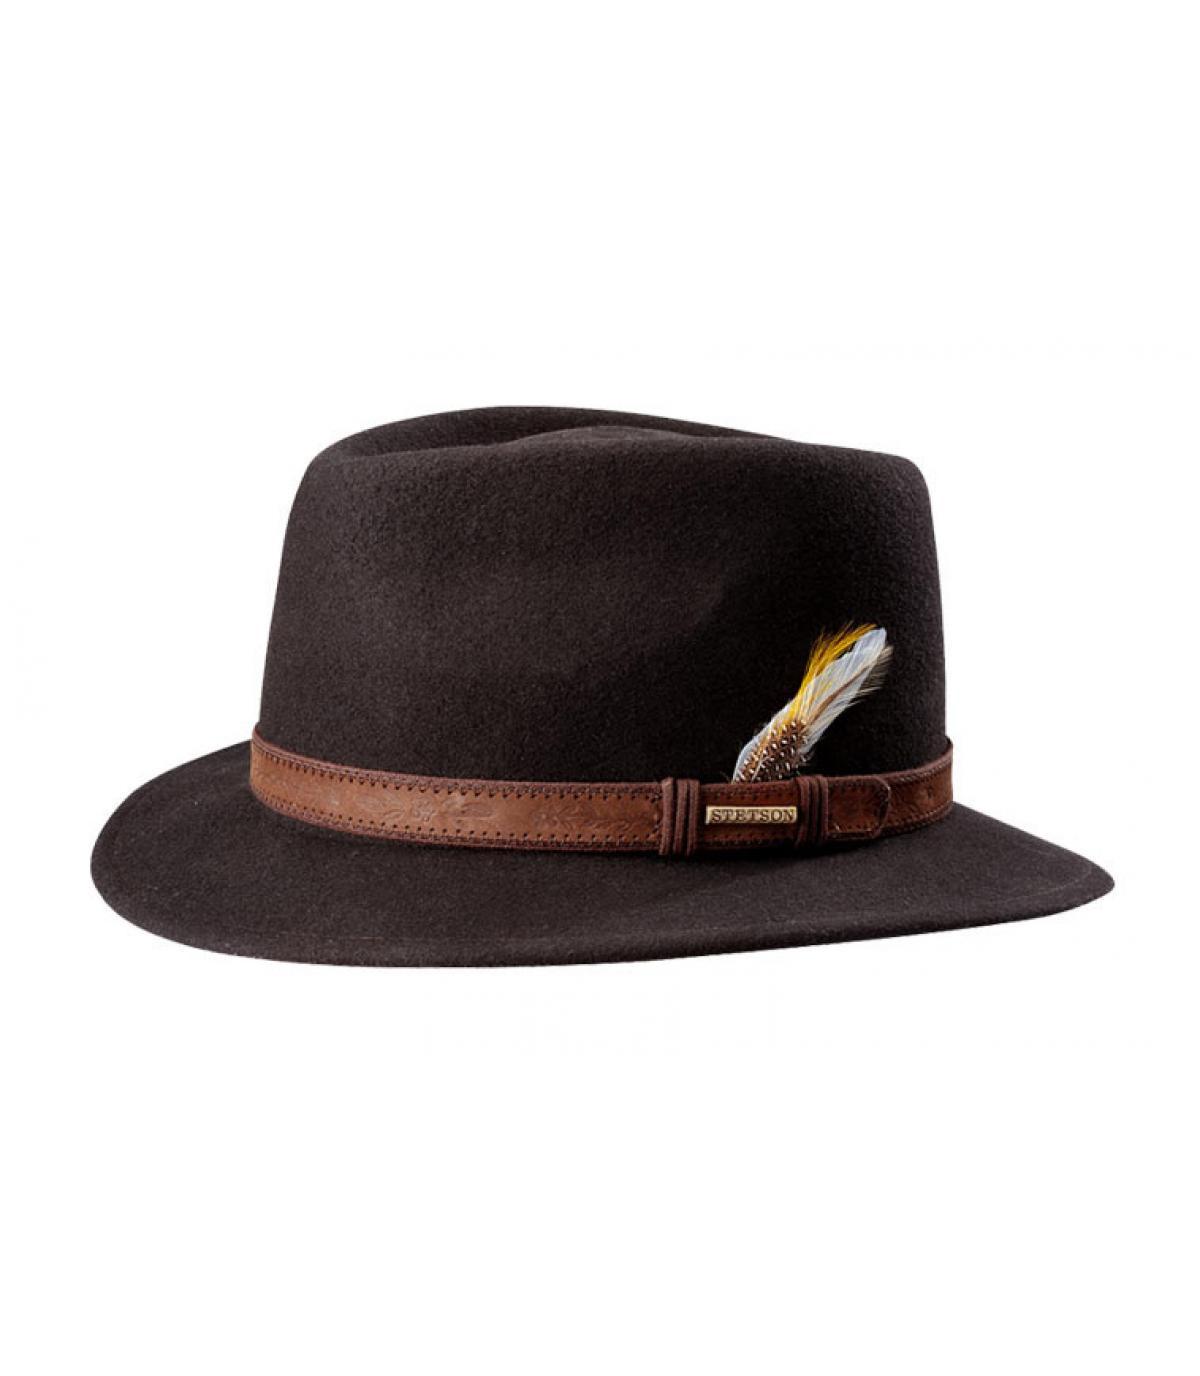 Cappello classico stetson